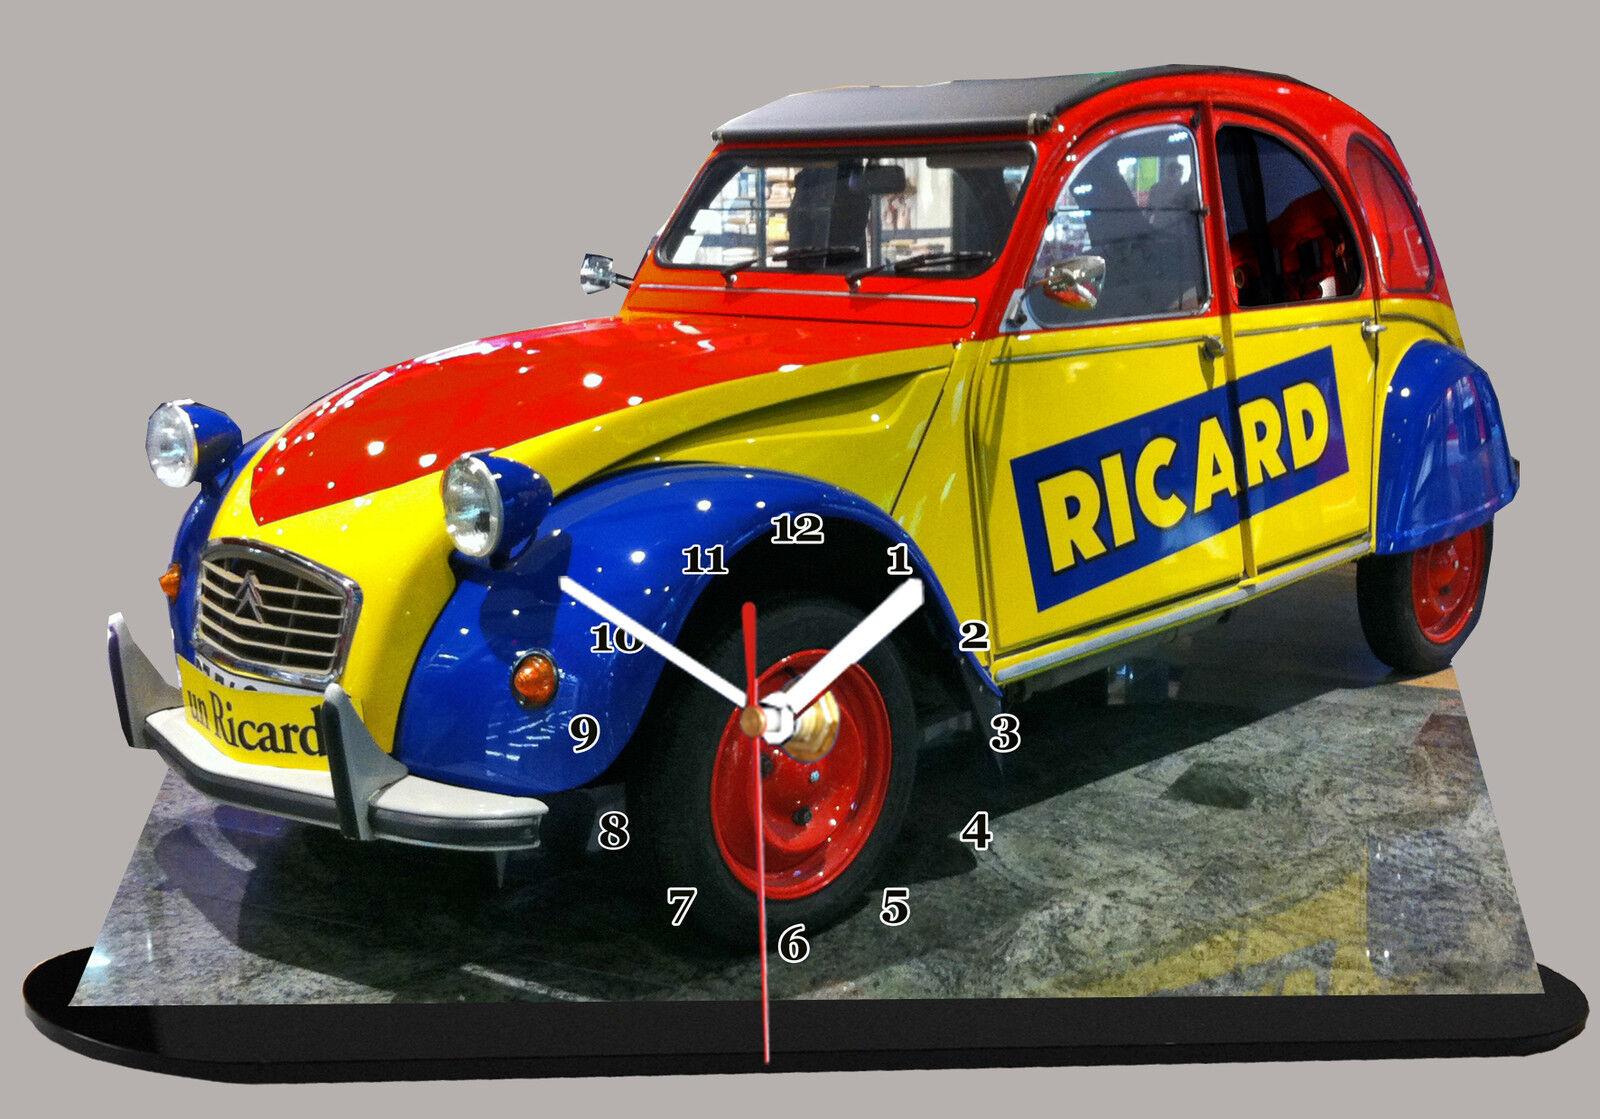 AUTO CITROEN 2CV 2CV 2CV RICARD, OBJET RICARD, EN HORLOGE MINIATURE SUR SOCLE 016388